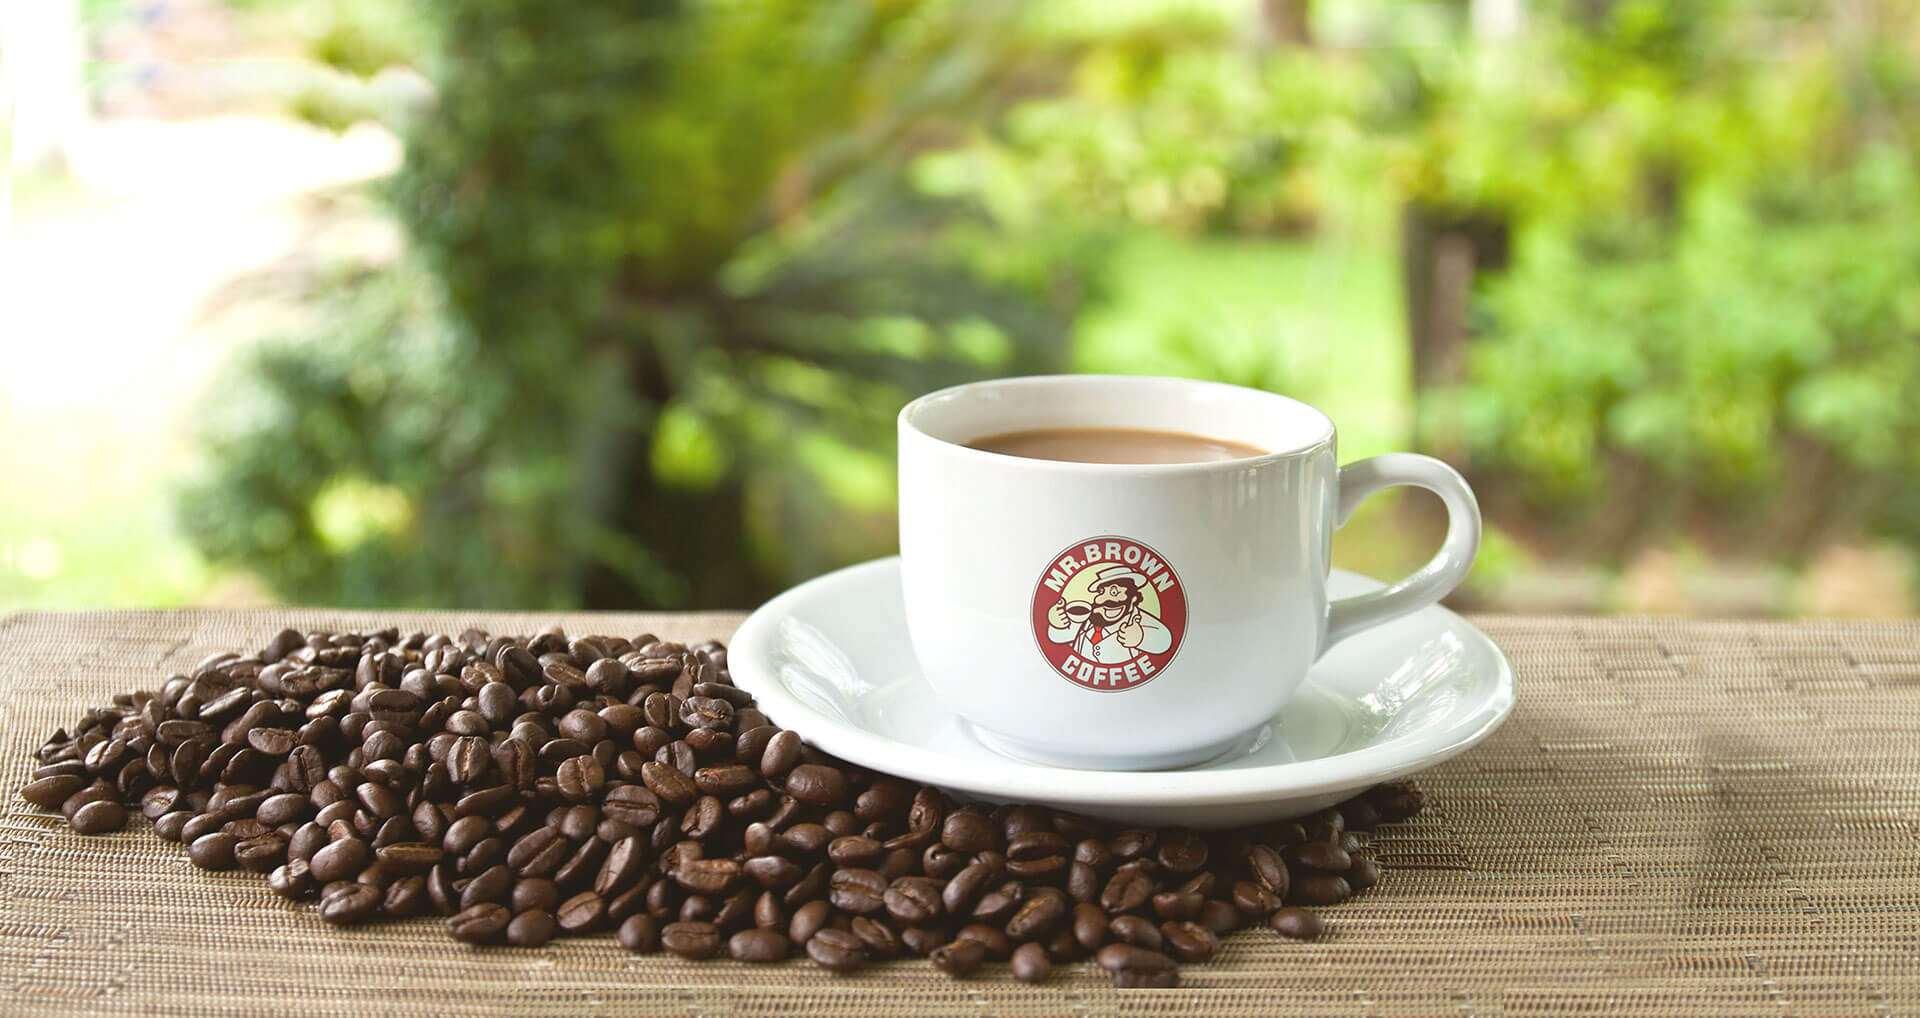 Thông điệp đằng sau sự phát triển và chiến dịch marketing của một thương hiệu cà phê lon